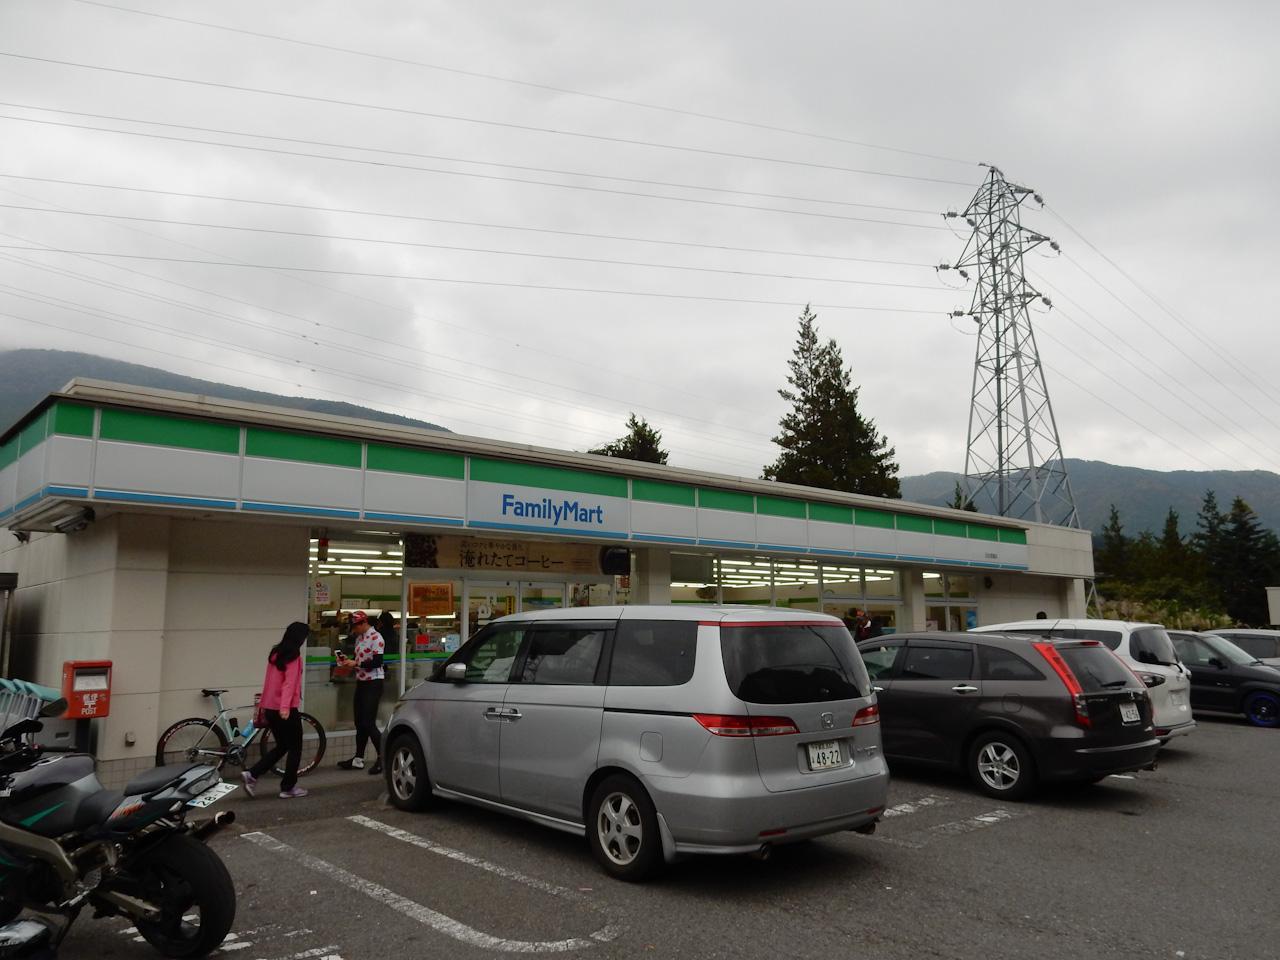 Viaggio Cycling Club in 日光 ファミリーマート